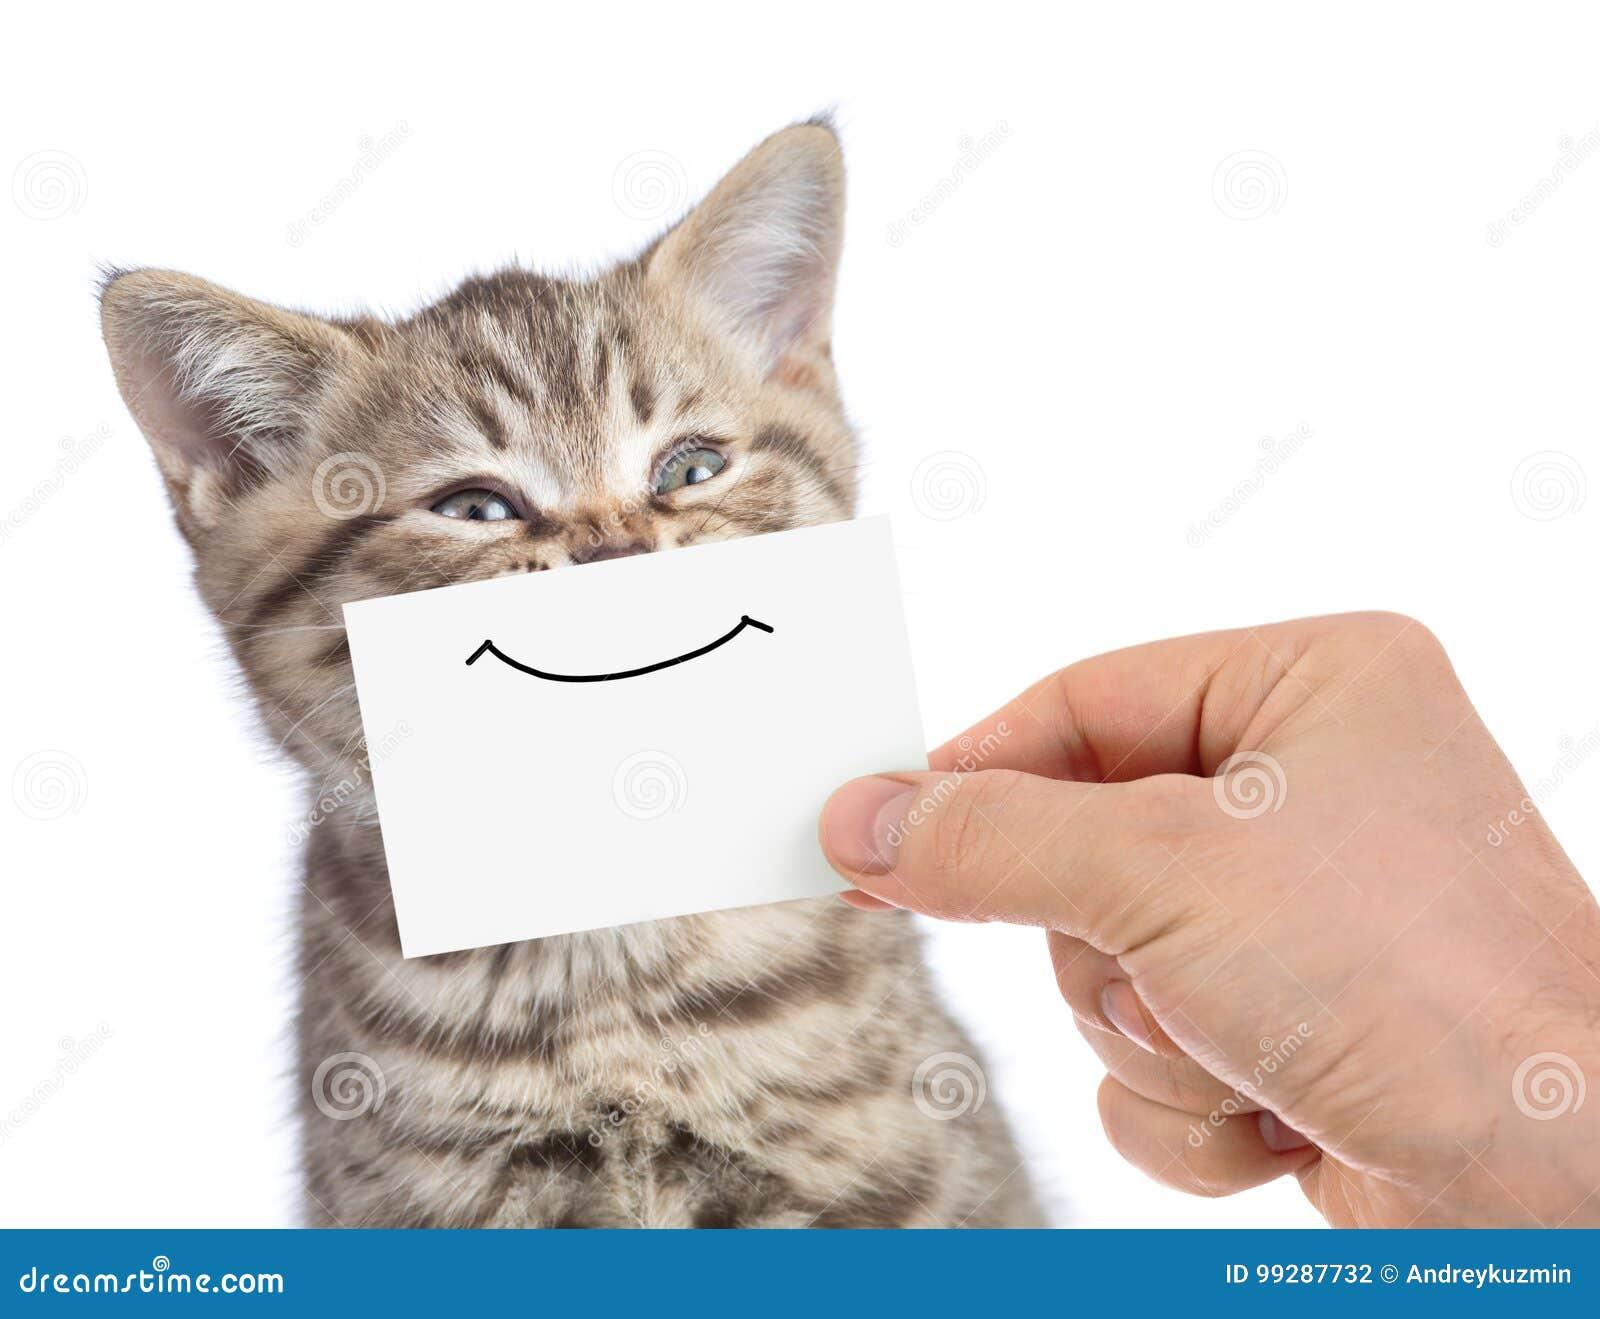 Retrato joven feliz divertido del gato con sonrisa en la cartulina aislada en blanco